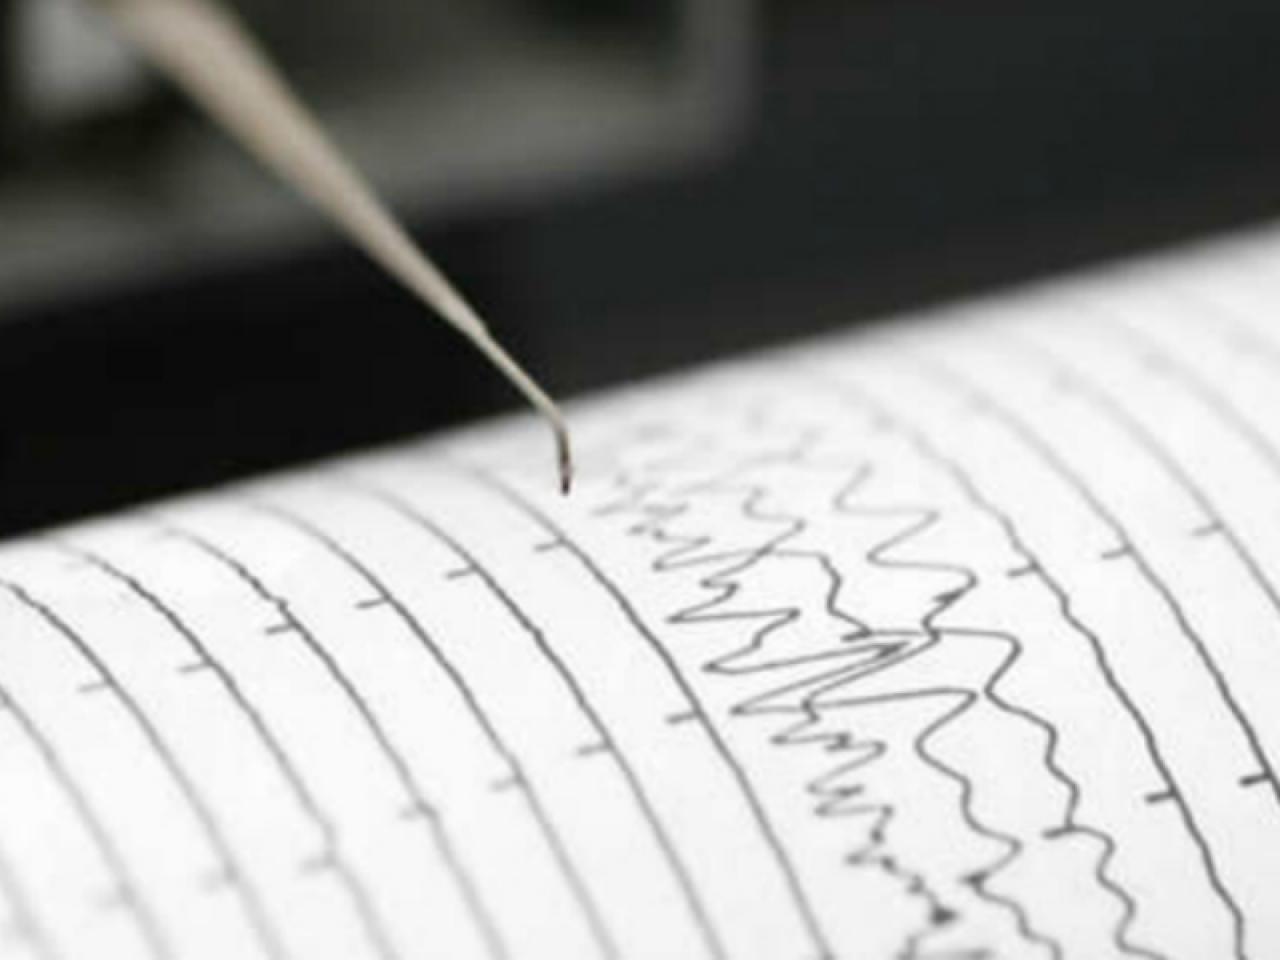 Tre scosse di terremoto in Sicilia, sciame sismico in atto